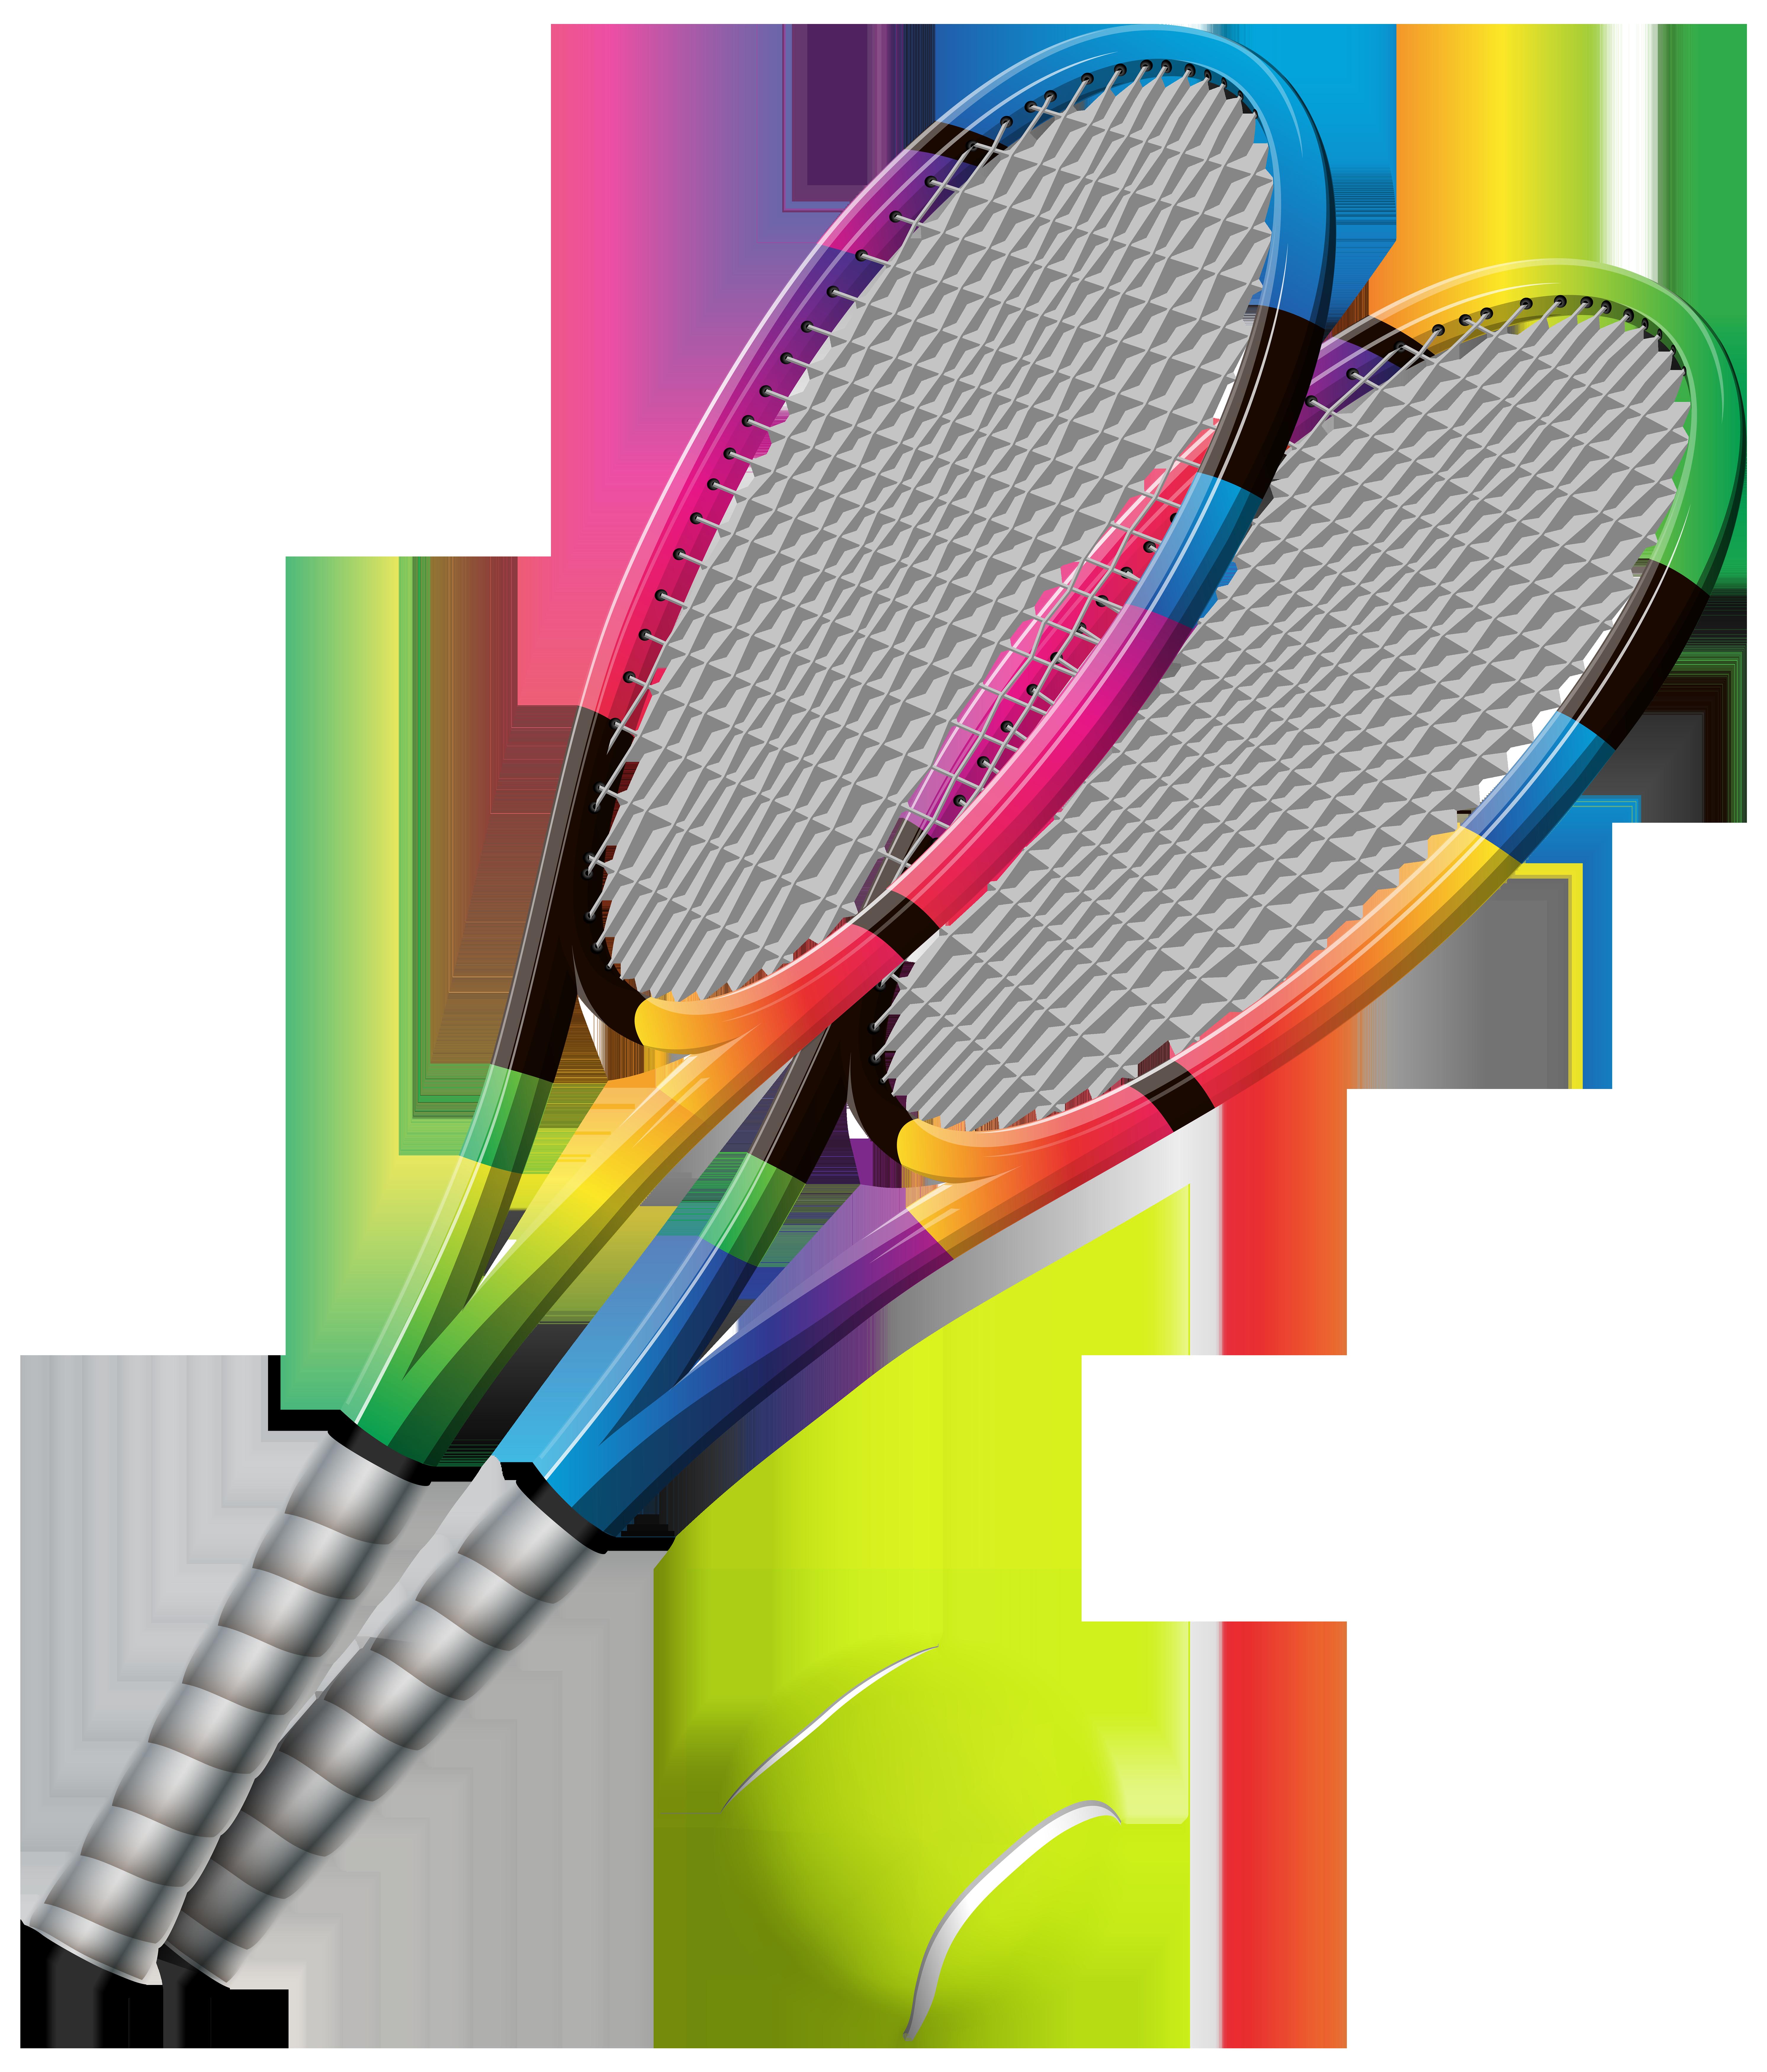 Bat clipart sport. Tennis rackets and ball